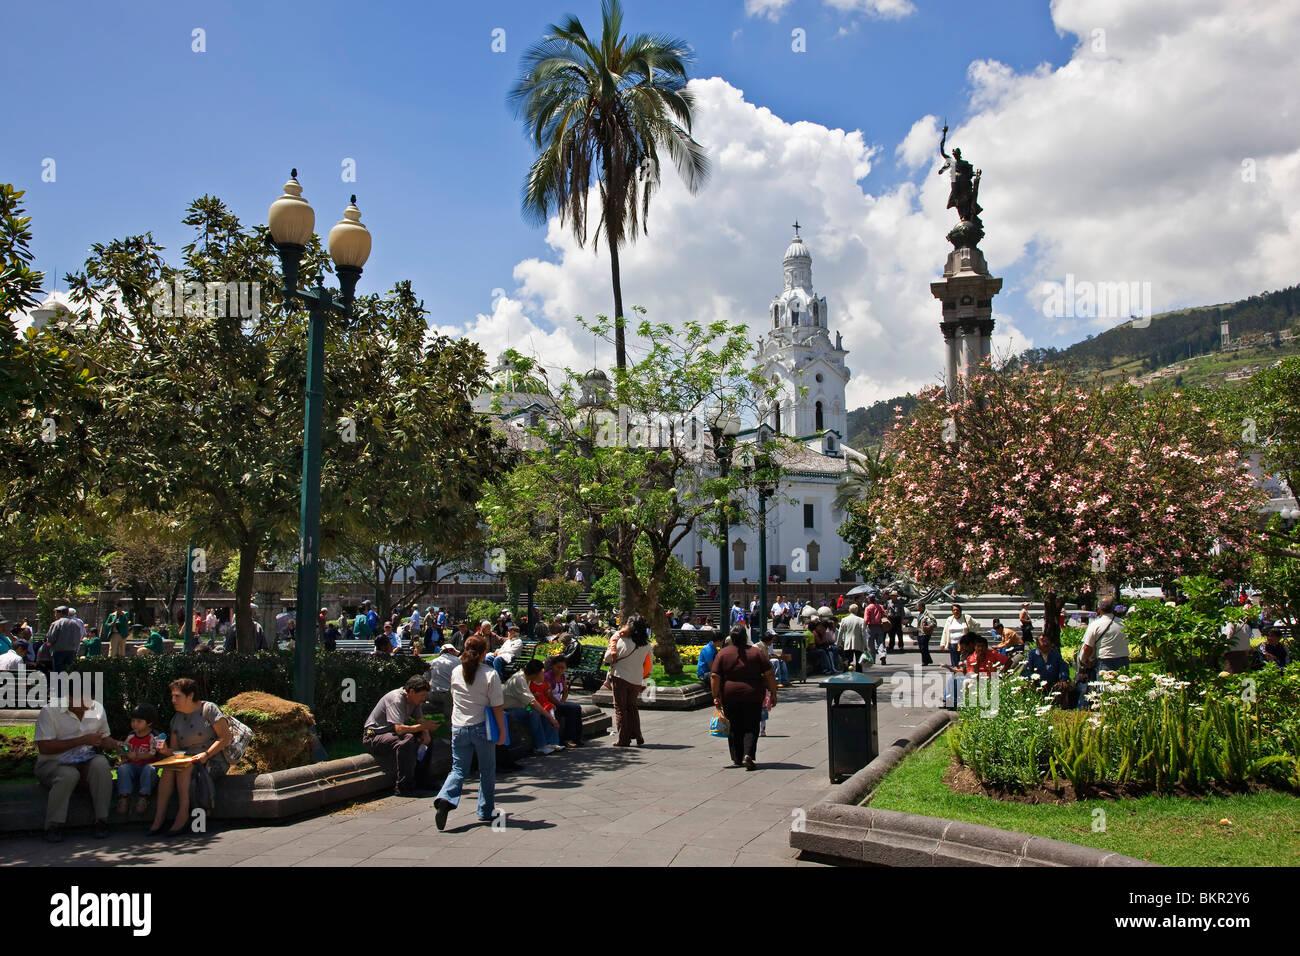 L'Équateur, la place de l'indépendance dans la vieille ville de Quito. Photo Stock